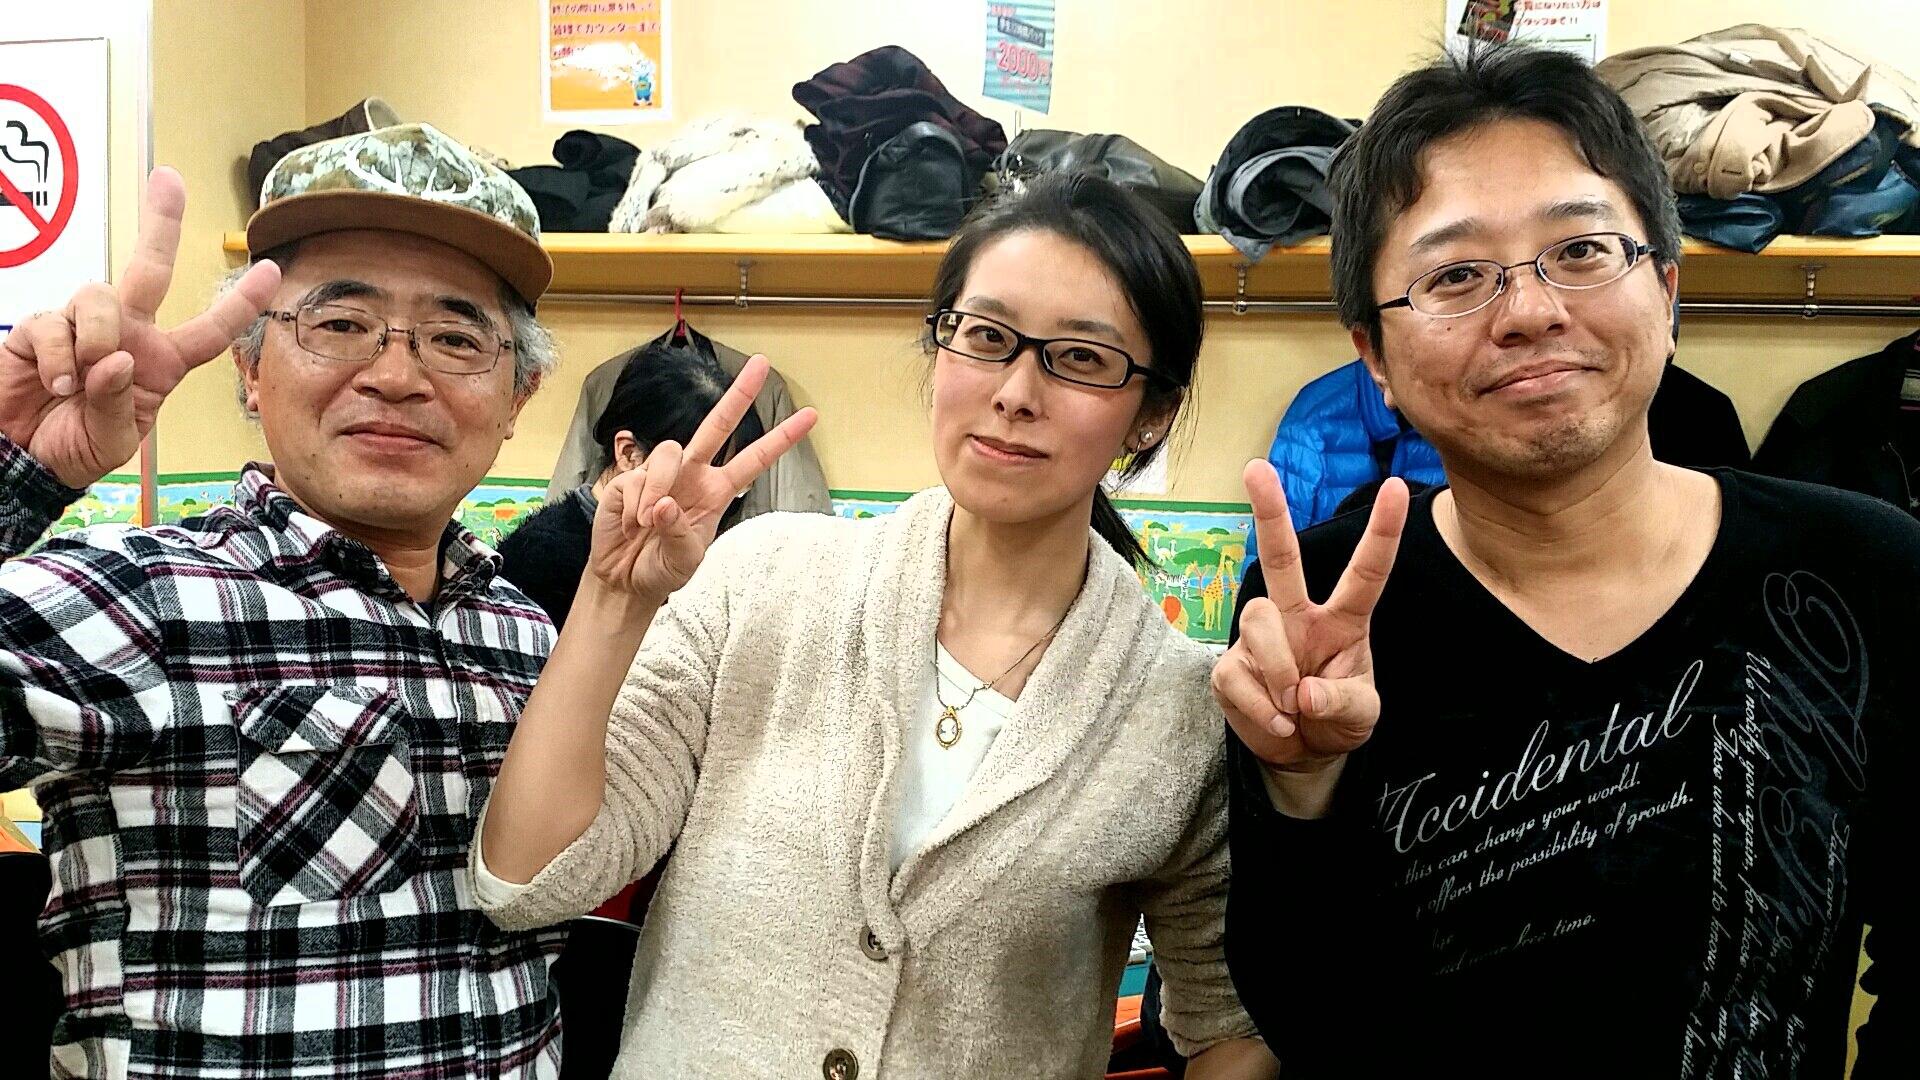 大阪・豊中の蛍池にある女性のための健康麻雀・麻雀教室のお店【豊中の健康マージャン】の参加者が開催してくれた【最強プレゼンター決定戦】の大会模様。